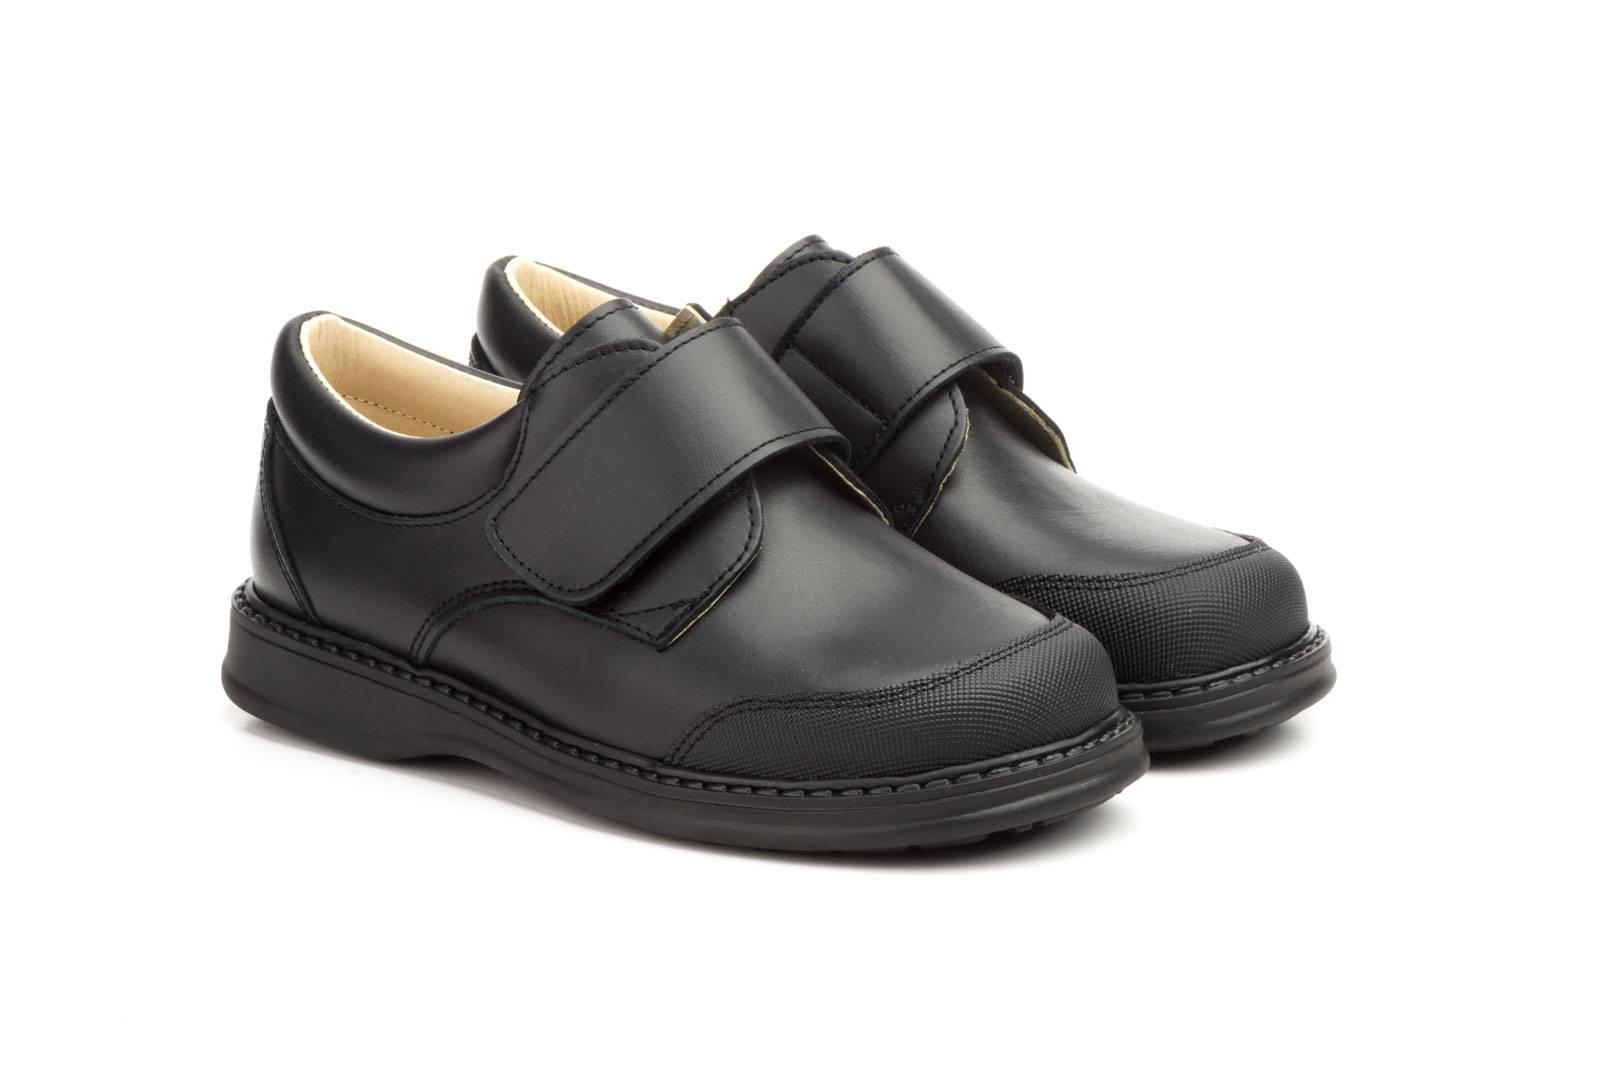 Zapatos Colegial Niño Piel Negro Cierre Velcro SERNA-1012 44,90€